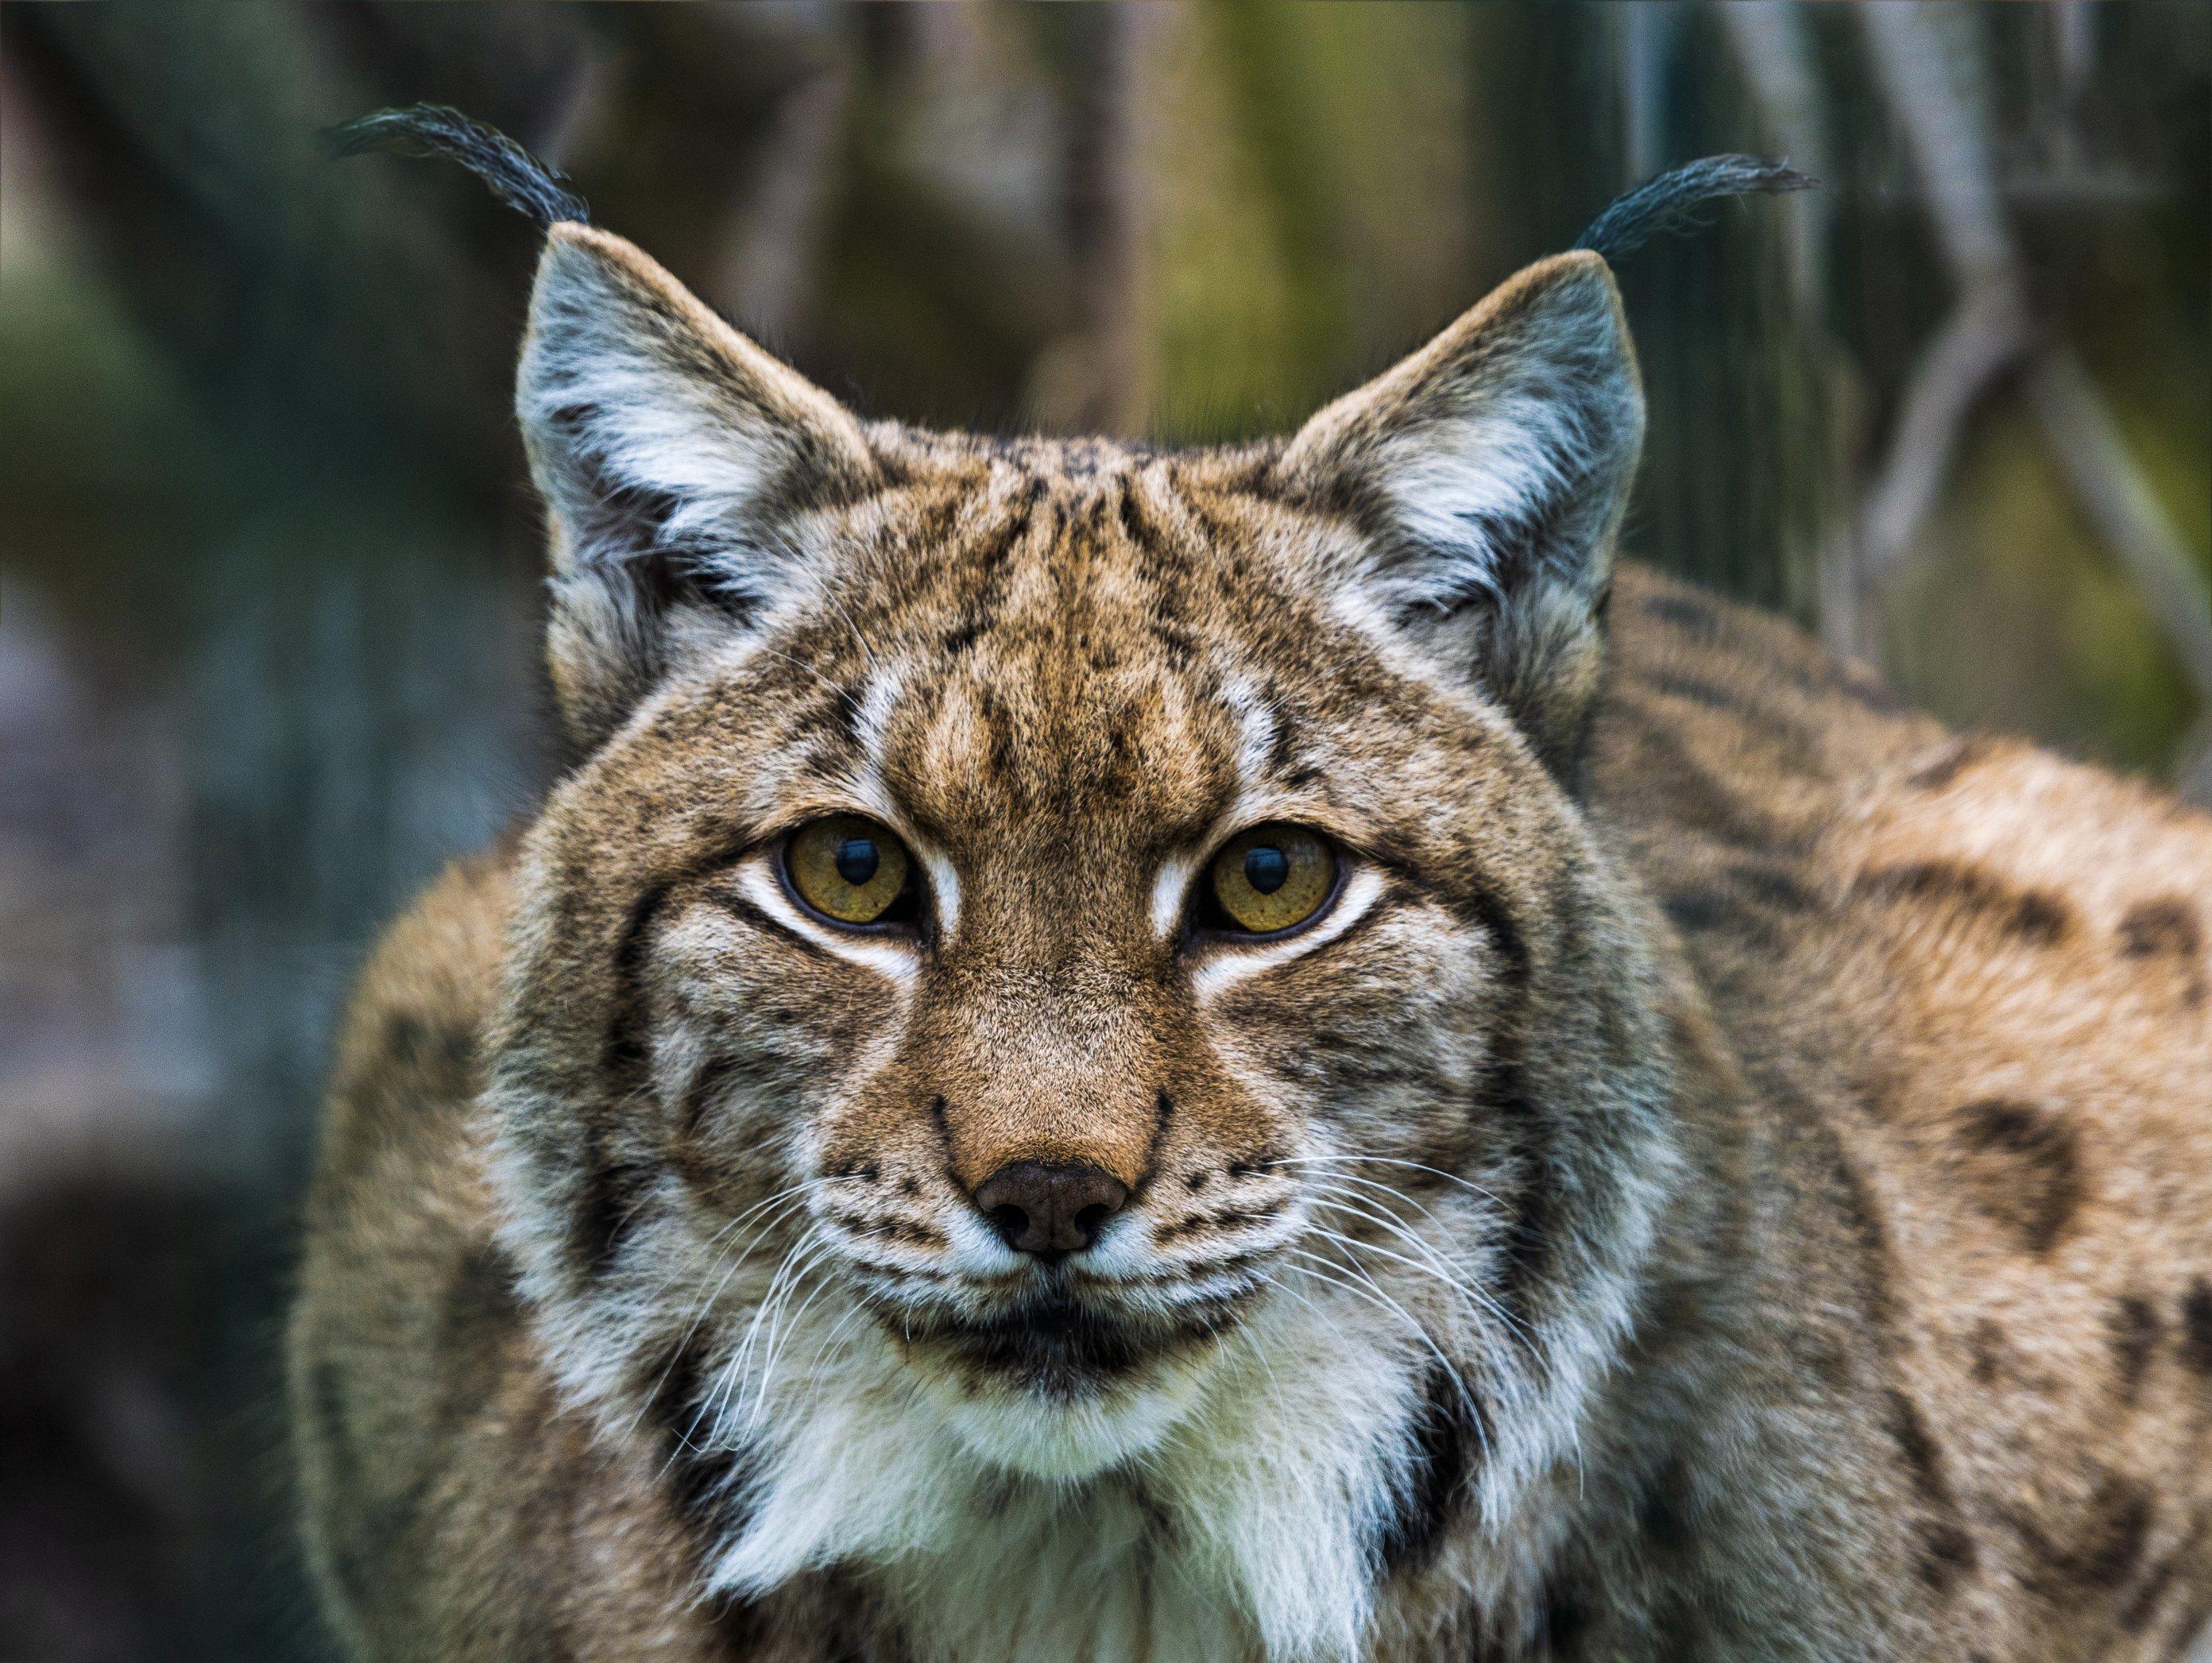 Ein eurasischer Luchs (Lynx lynx) aus dem Zoo in Bratislava